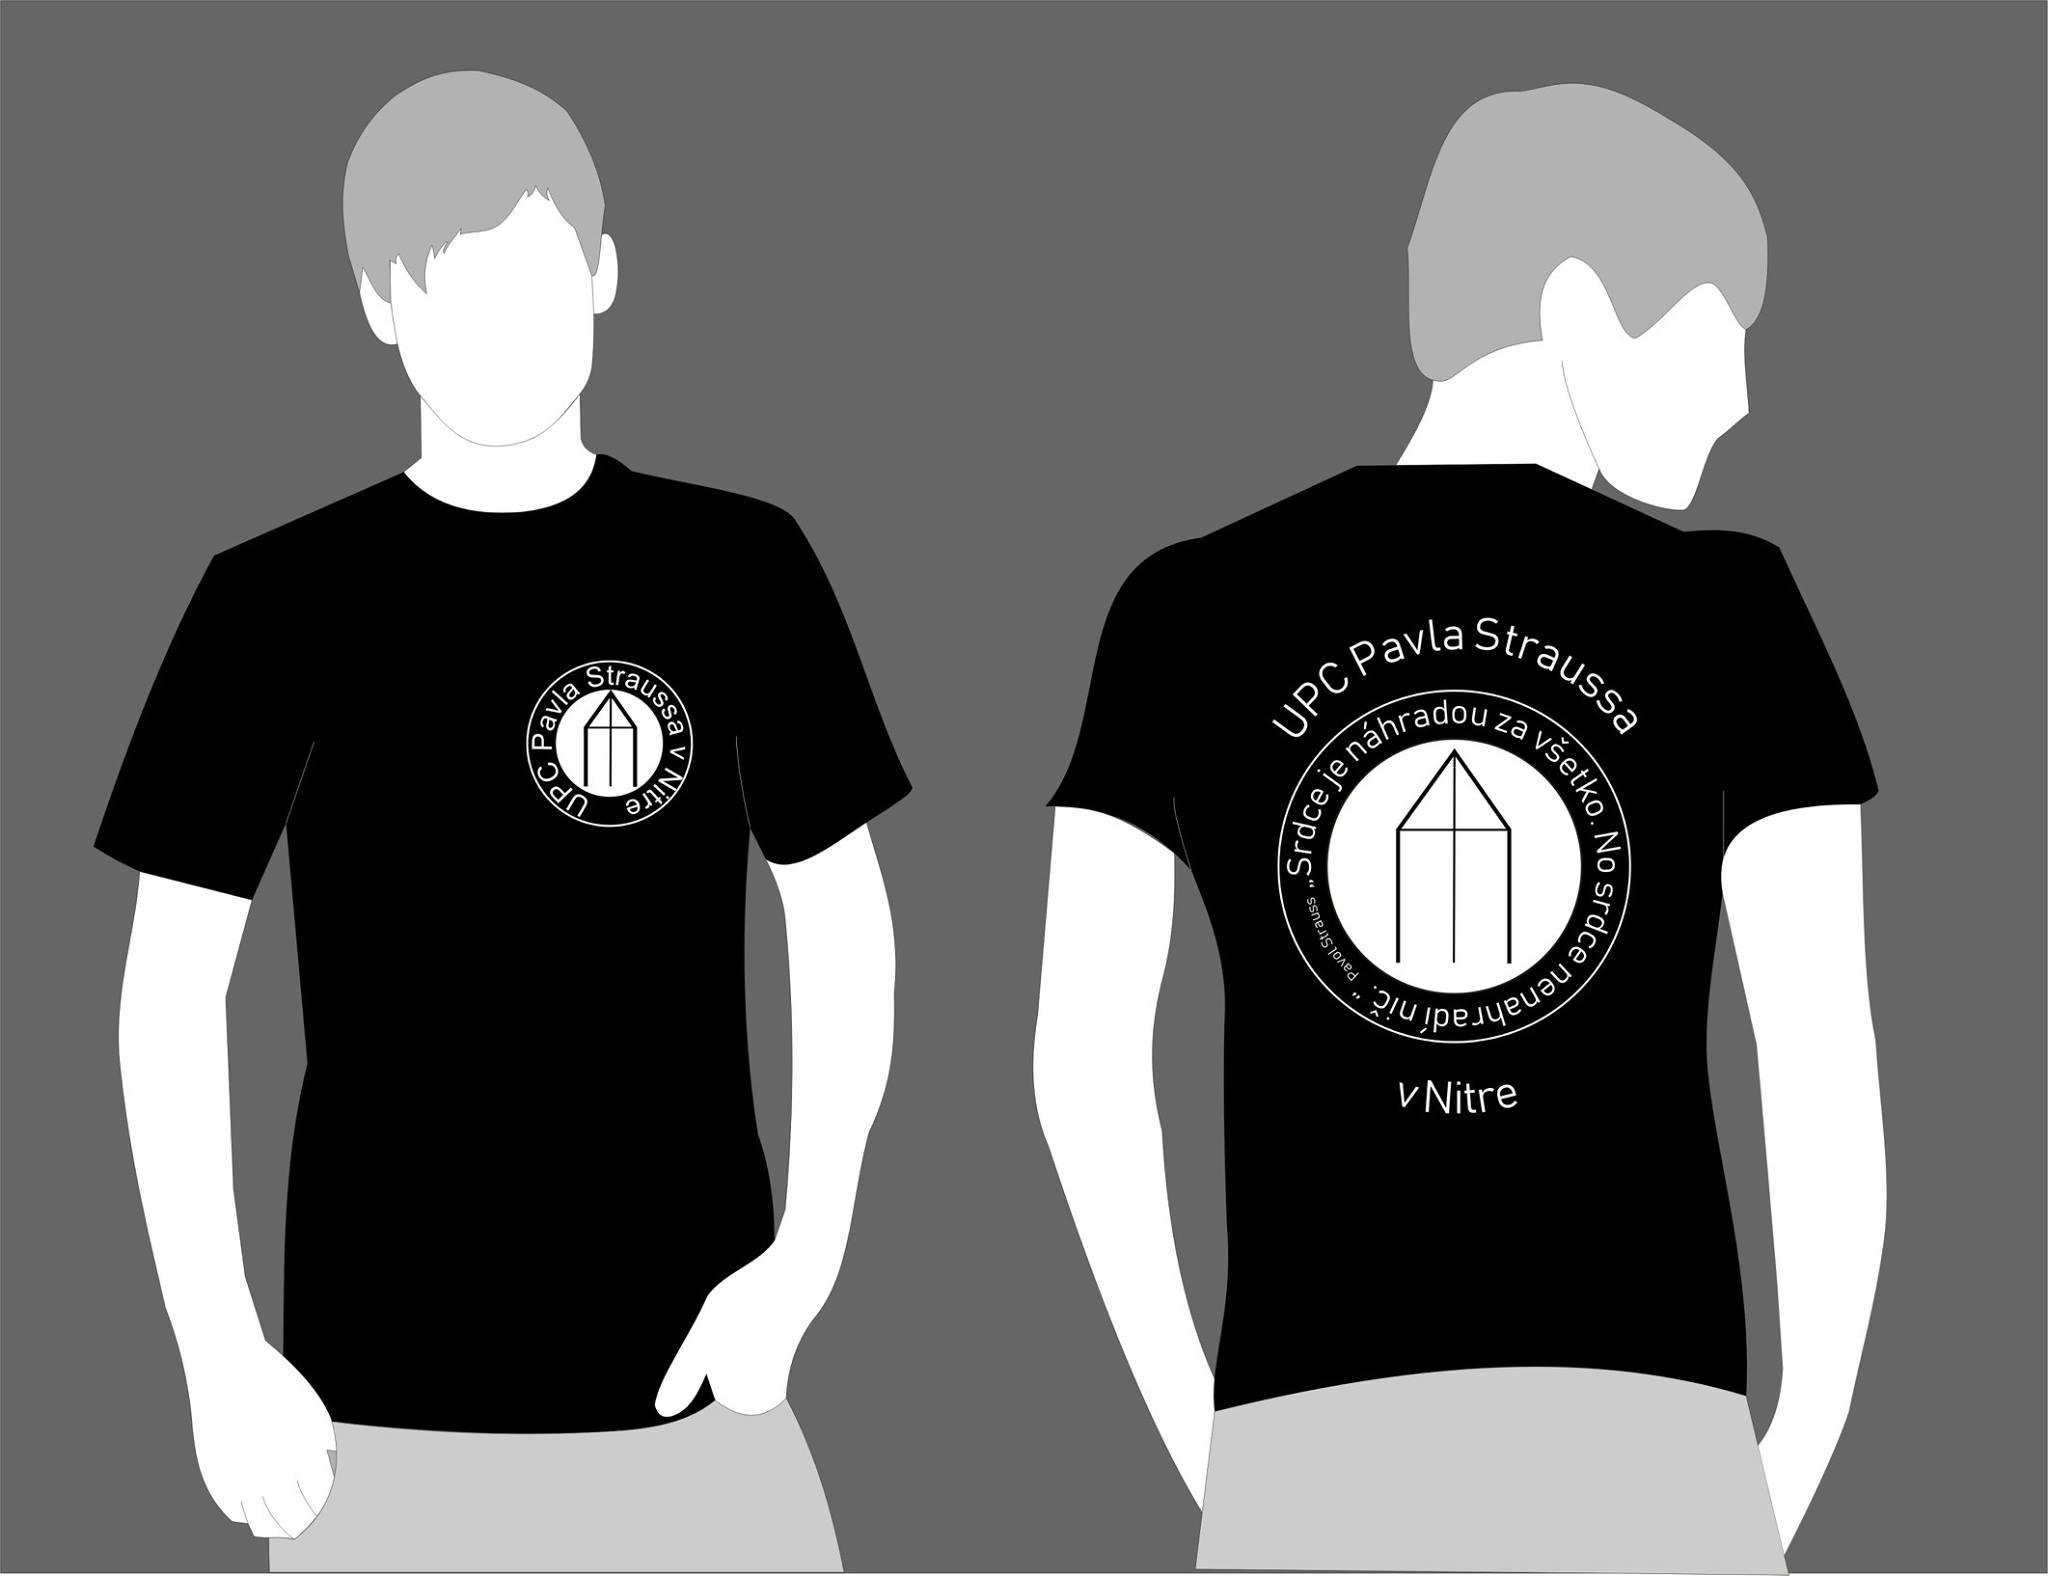 UPC tričká sú späť :D